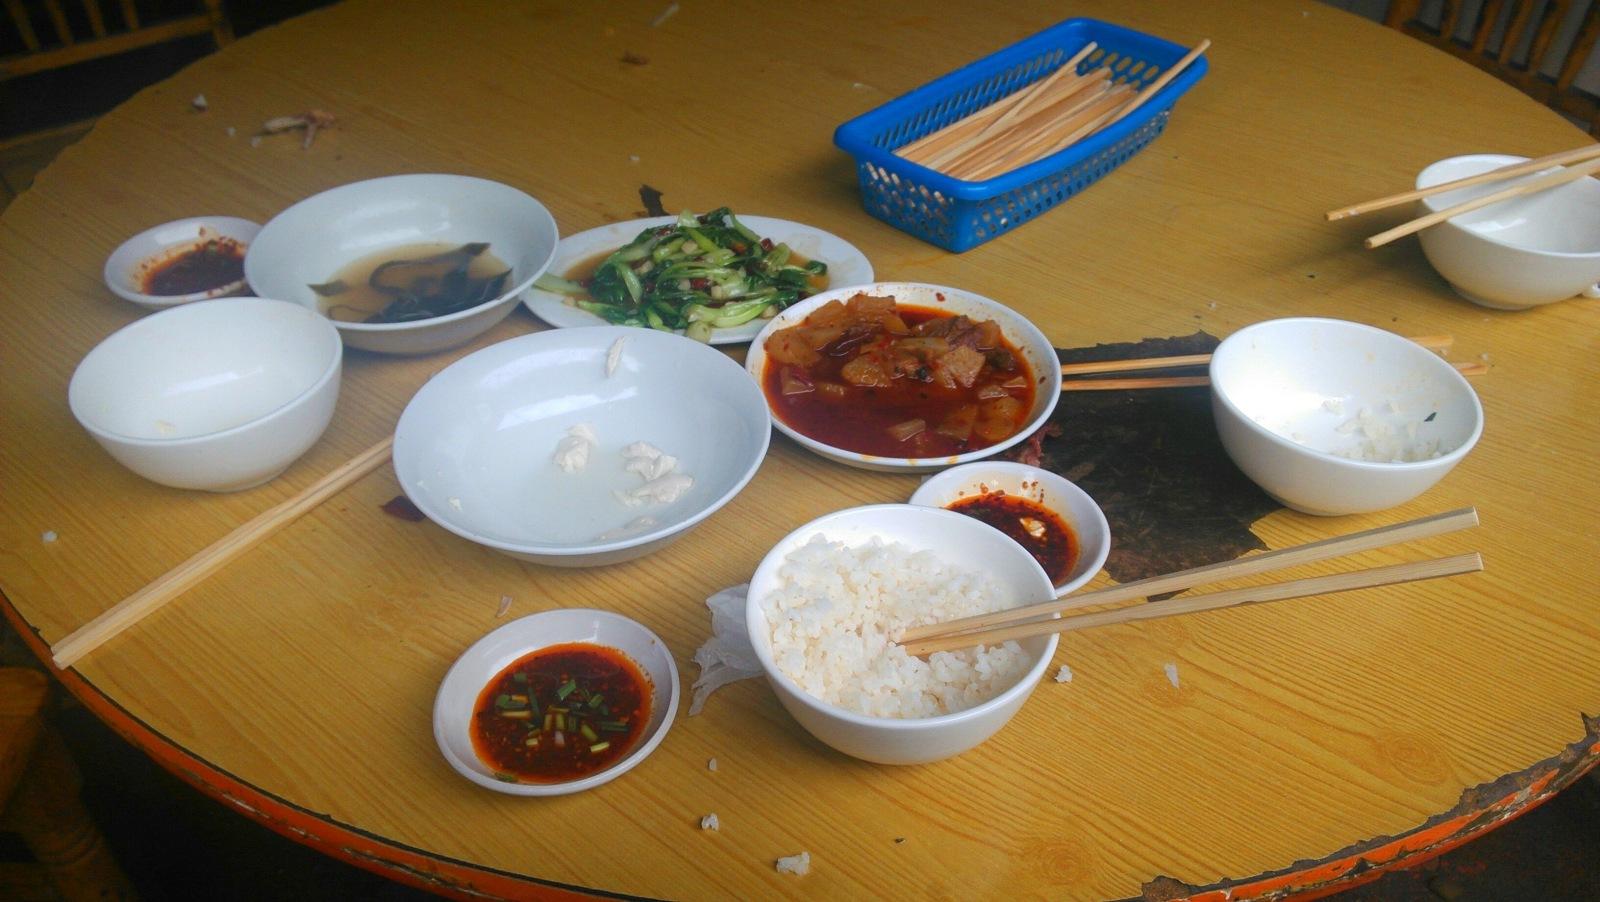 这半山腰的饭不是很好吃,米半生不熟的